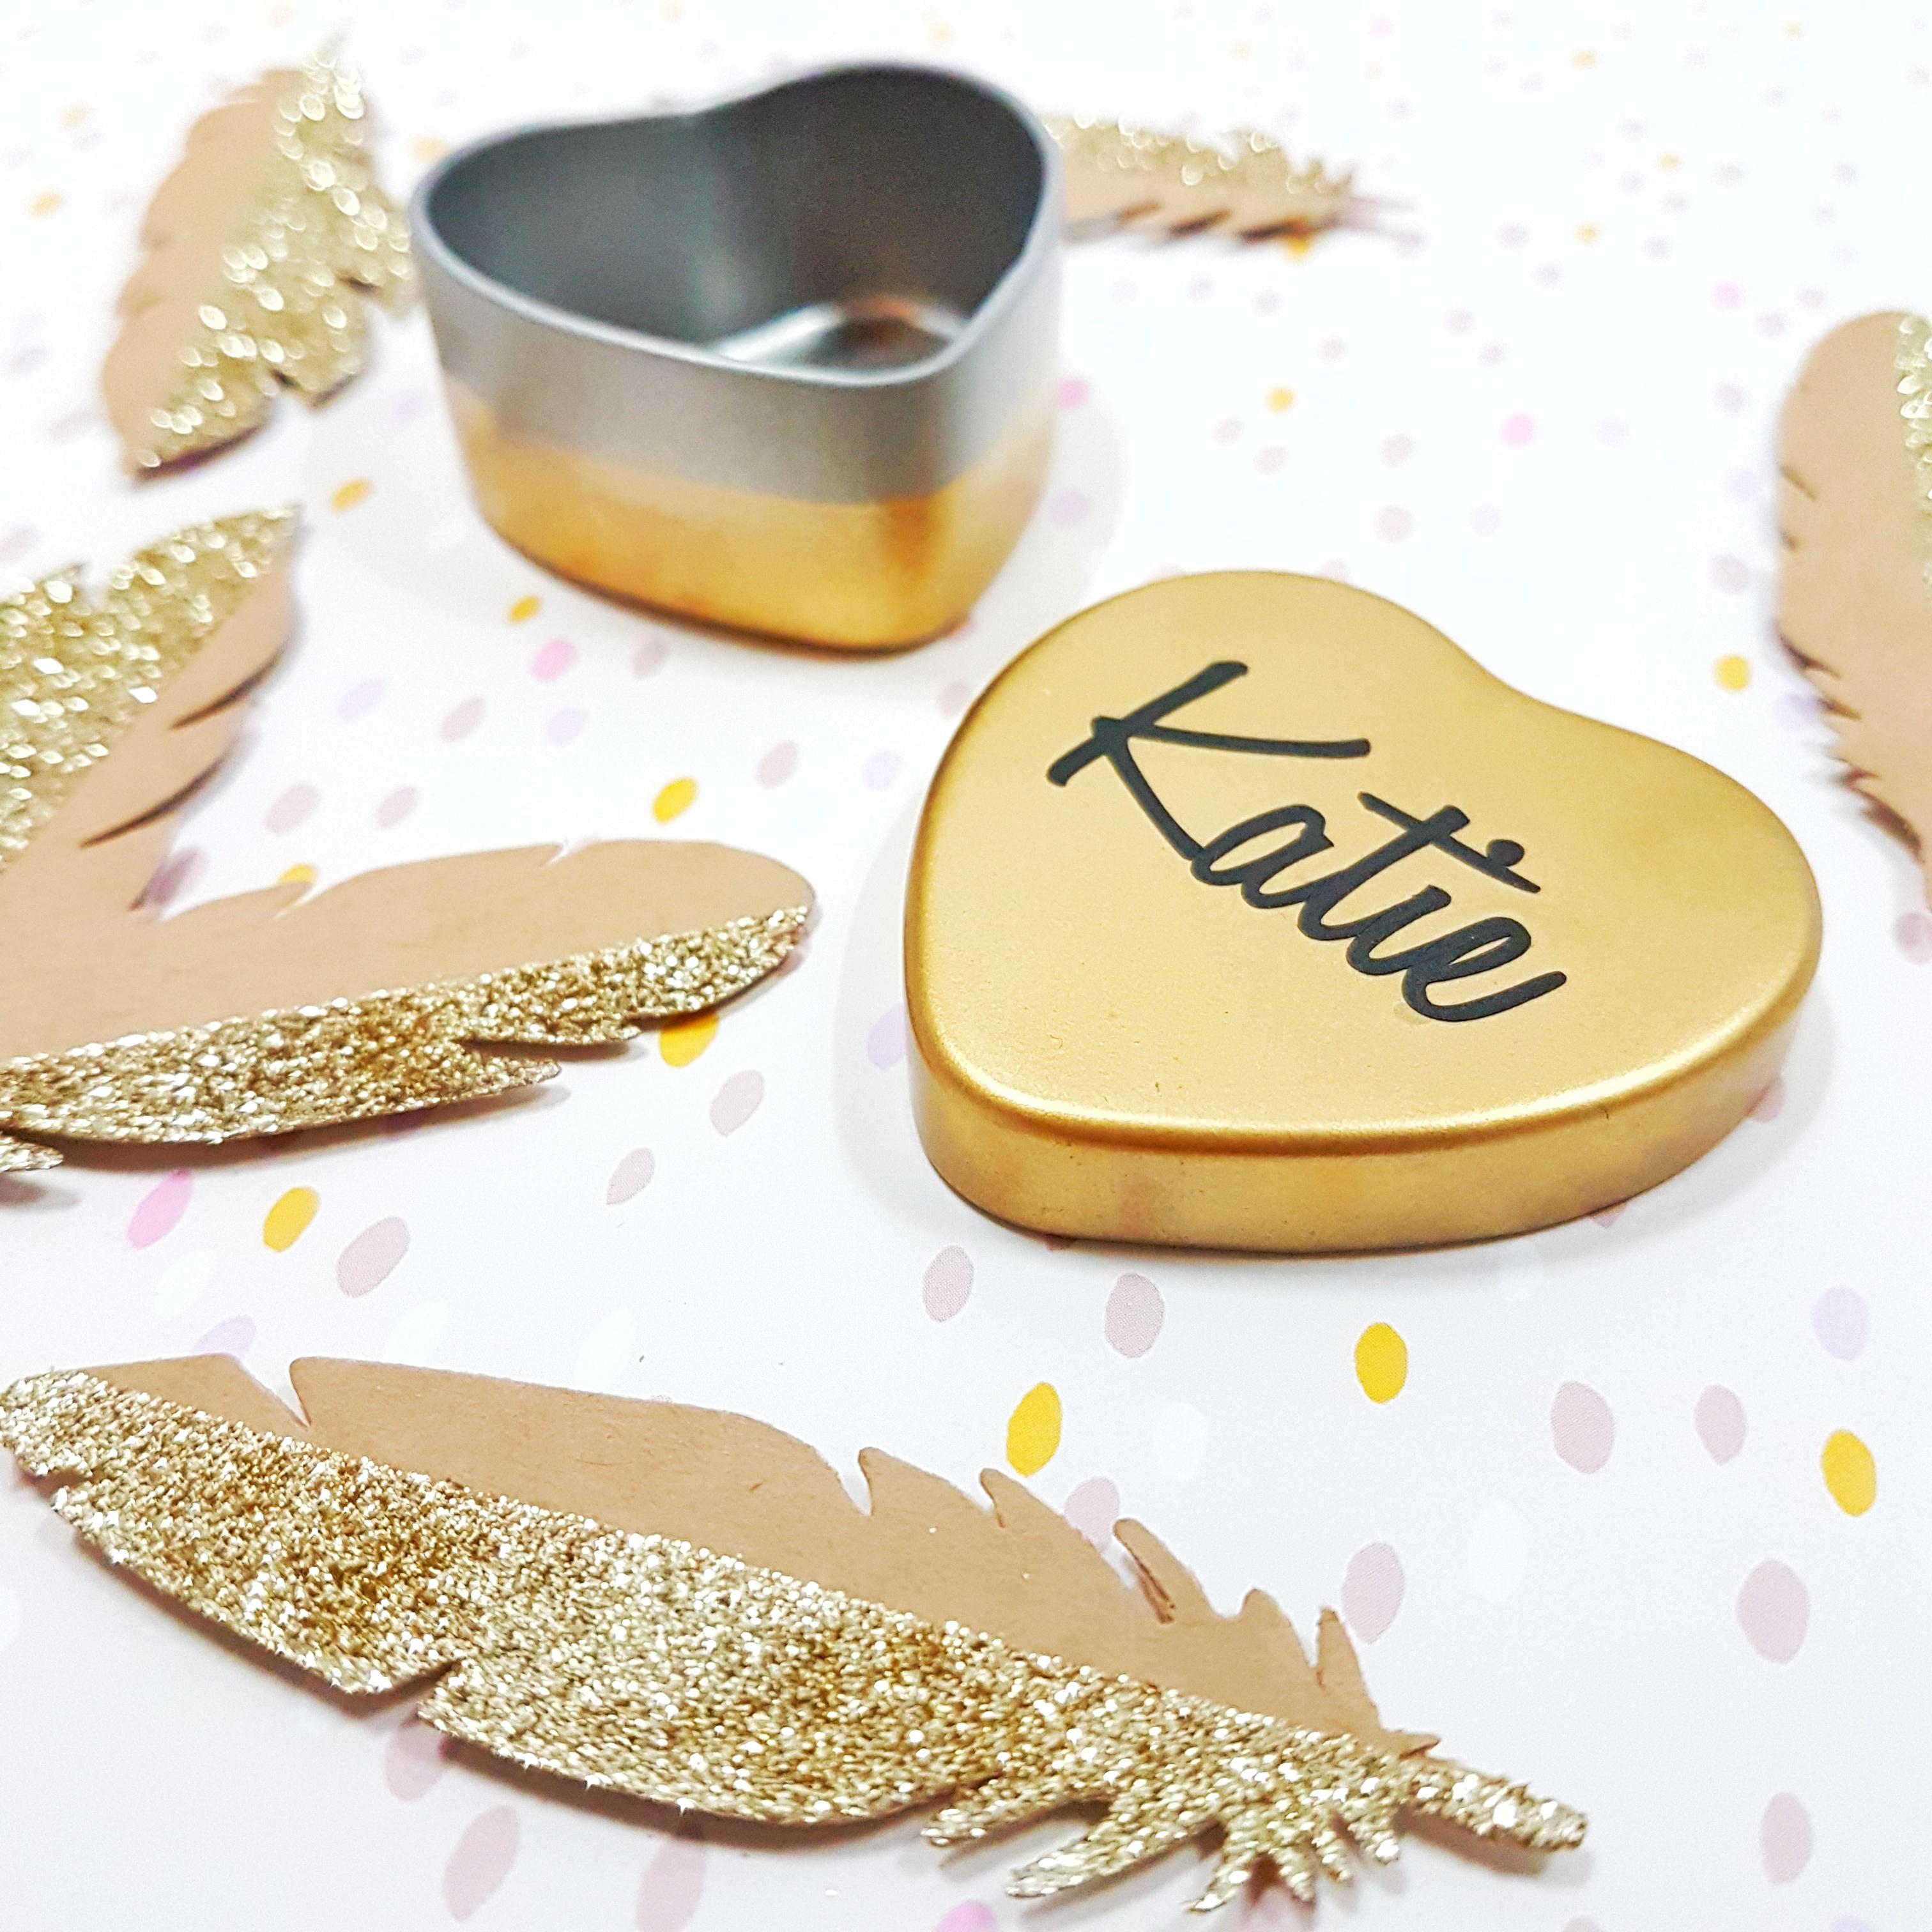 Rose Gold Team Bride Napkins I Hen Party Inspiration I Make Memento